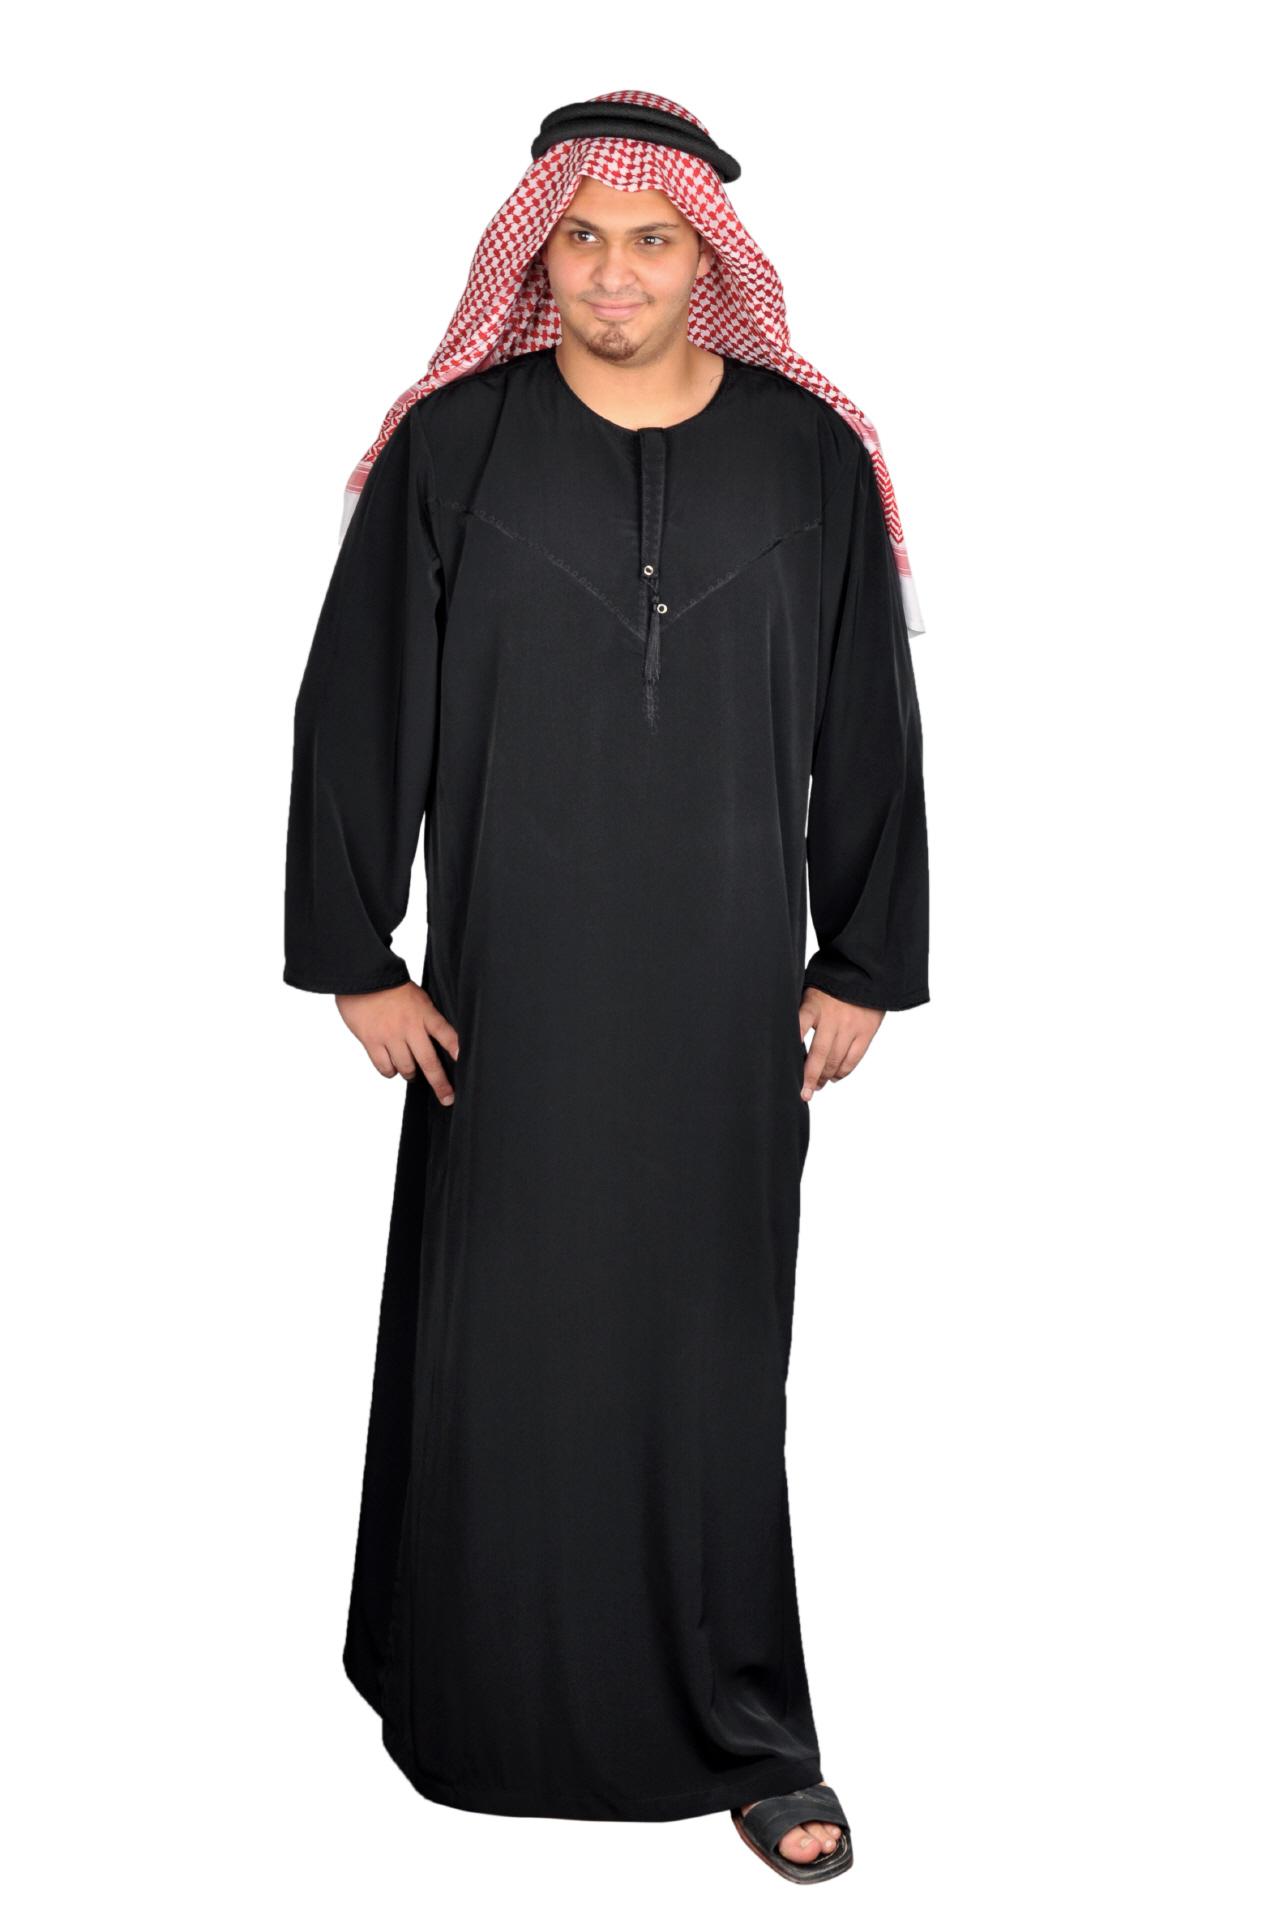 Araber Kostum Scheichkostum Herren Karnevalskostum Fur Fasching